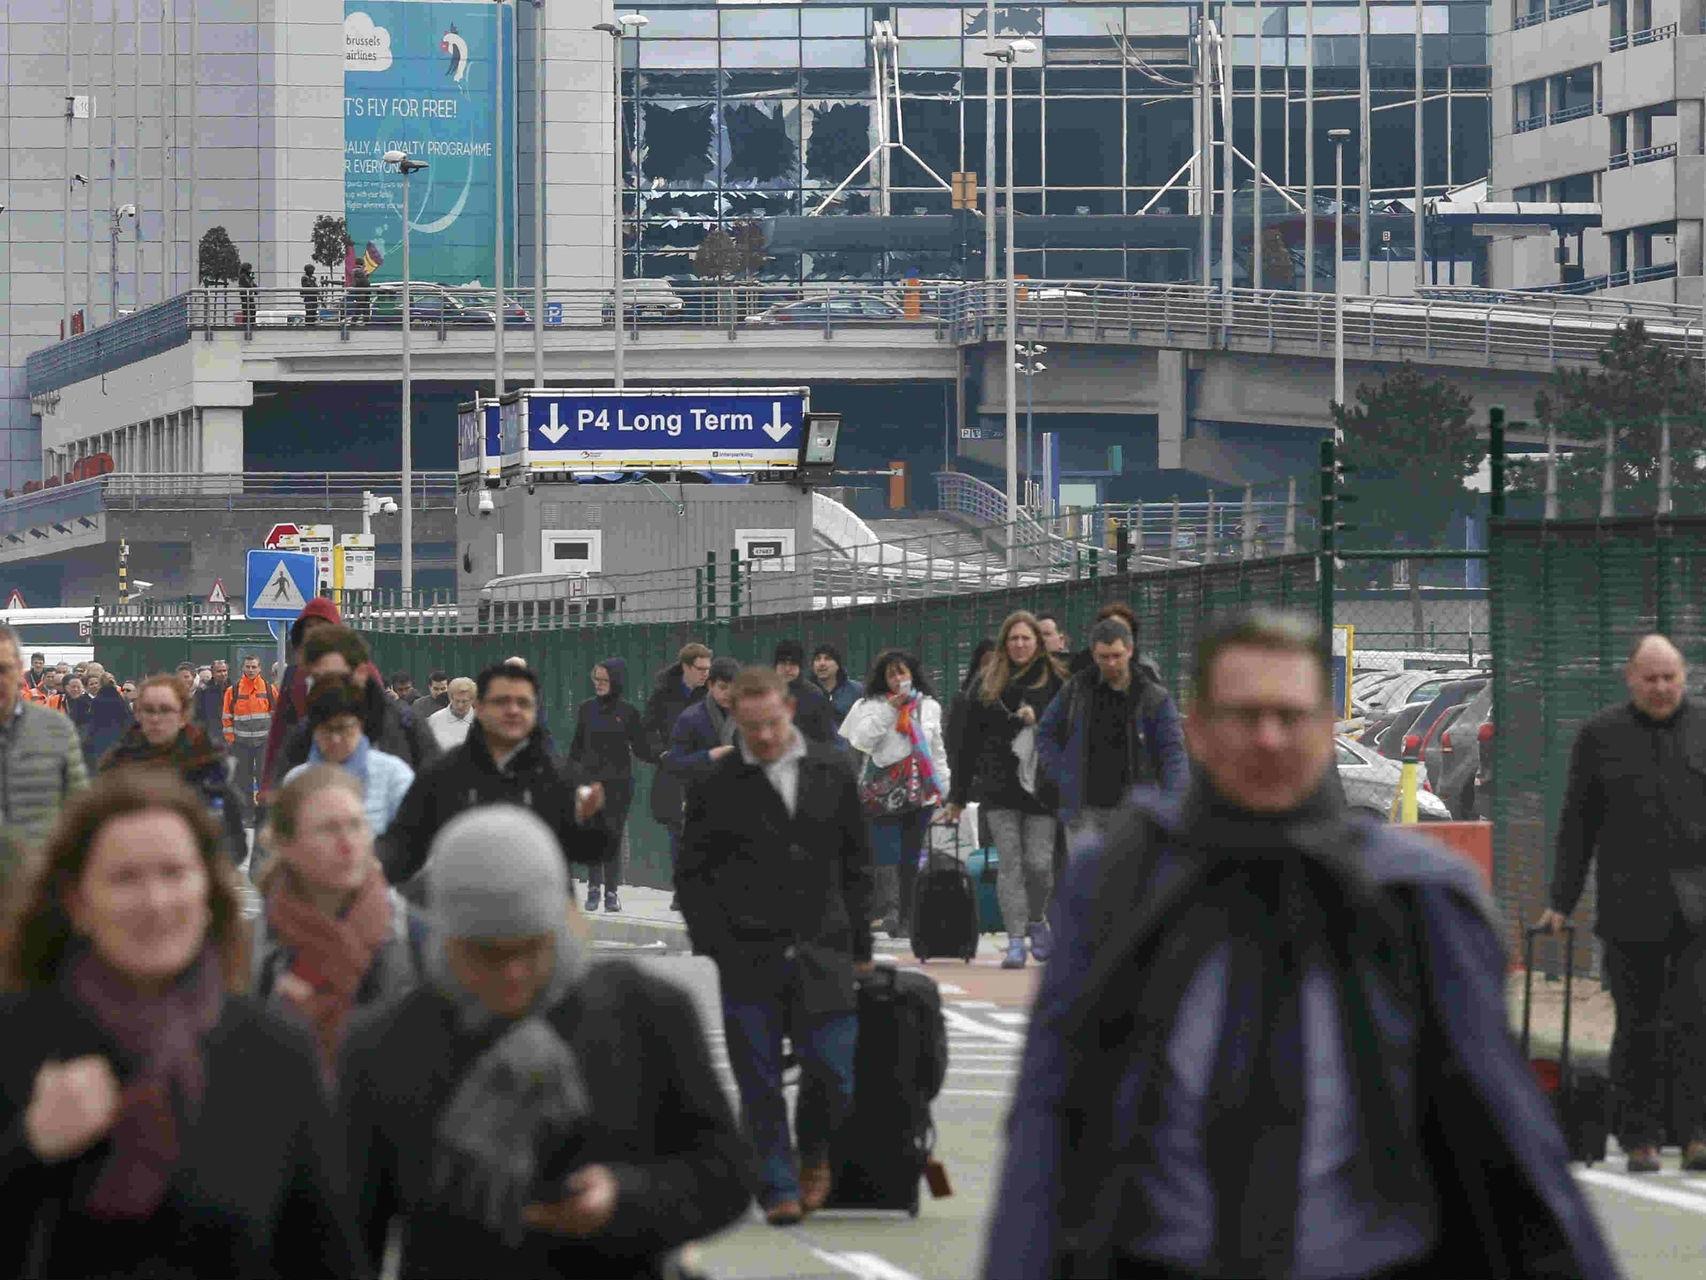 El pasado día 22 de marzo se produjeron dos atentados en la ciudad de Bruselas, estallaron dos bombas en el Aeropuerto de Zaventem y una en el metro, que dejaron…